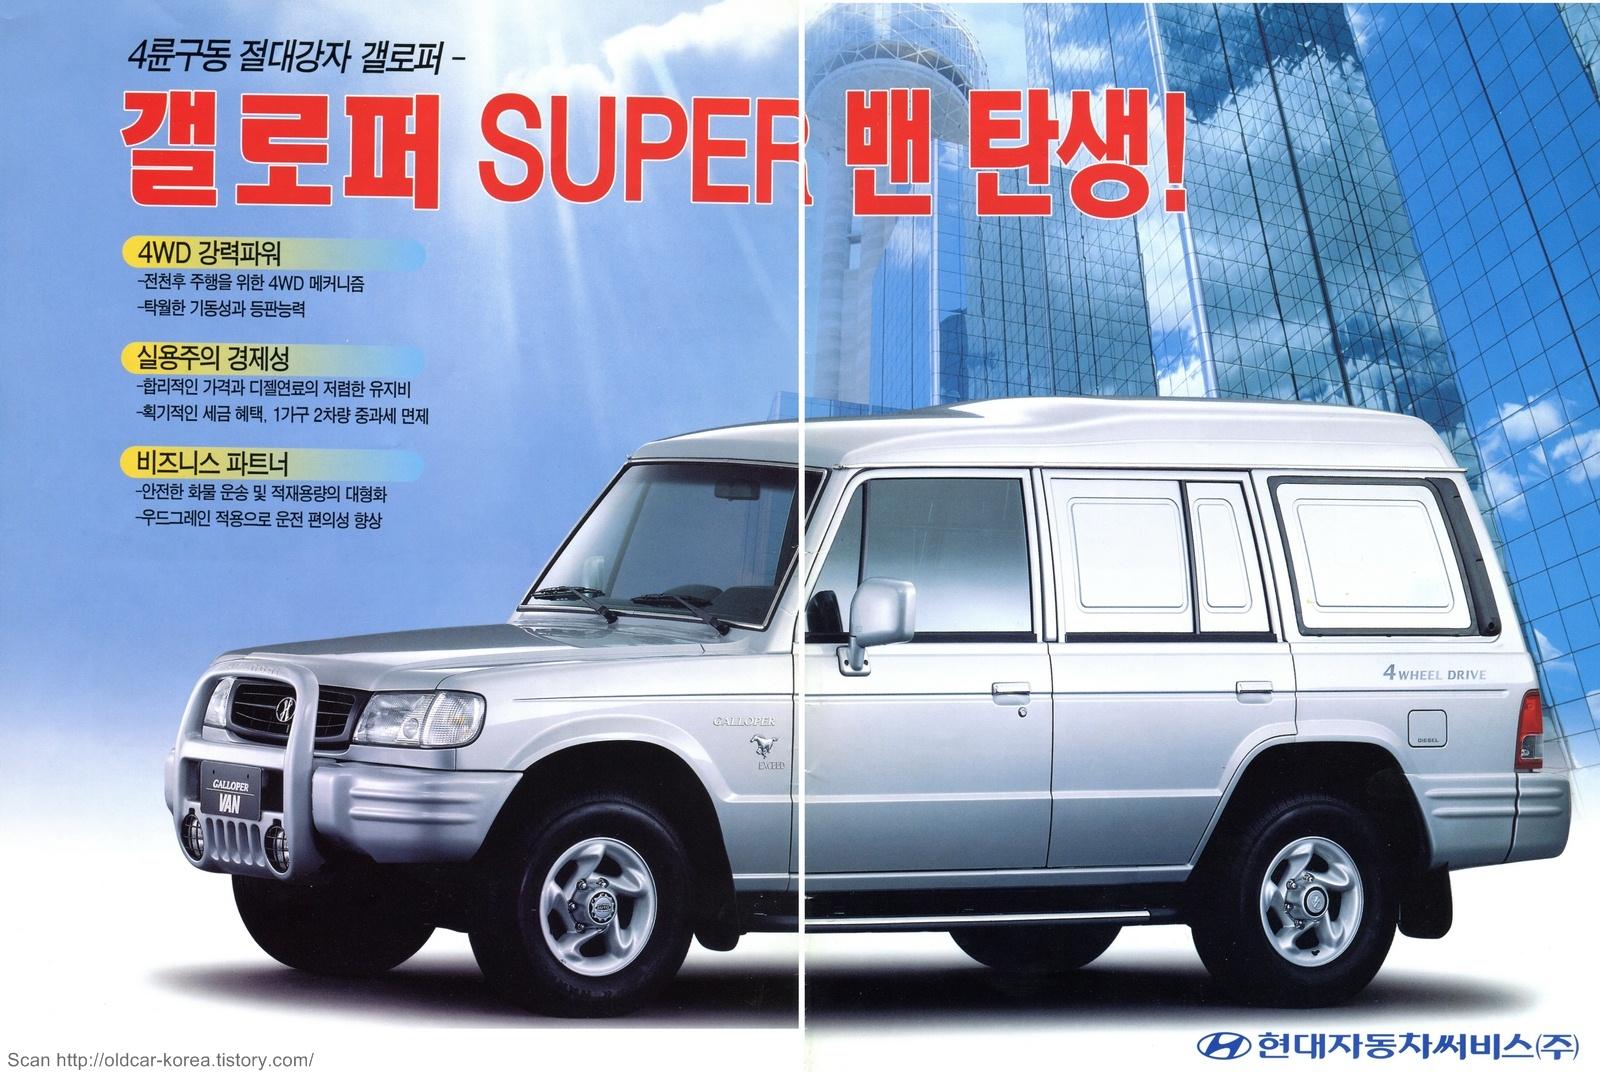 국산 자동차 이것저것 현대자동차써비스 183 현대정공 갤로퍼 Super 밴 전단지 Hyundai